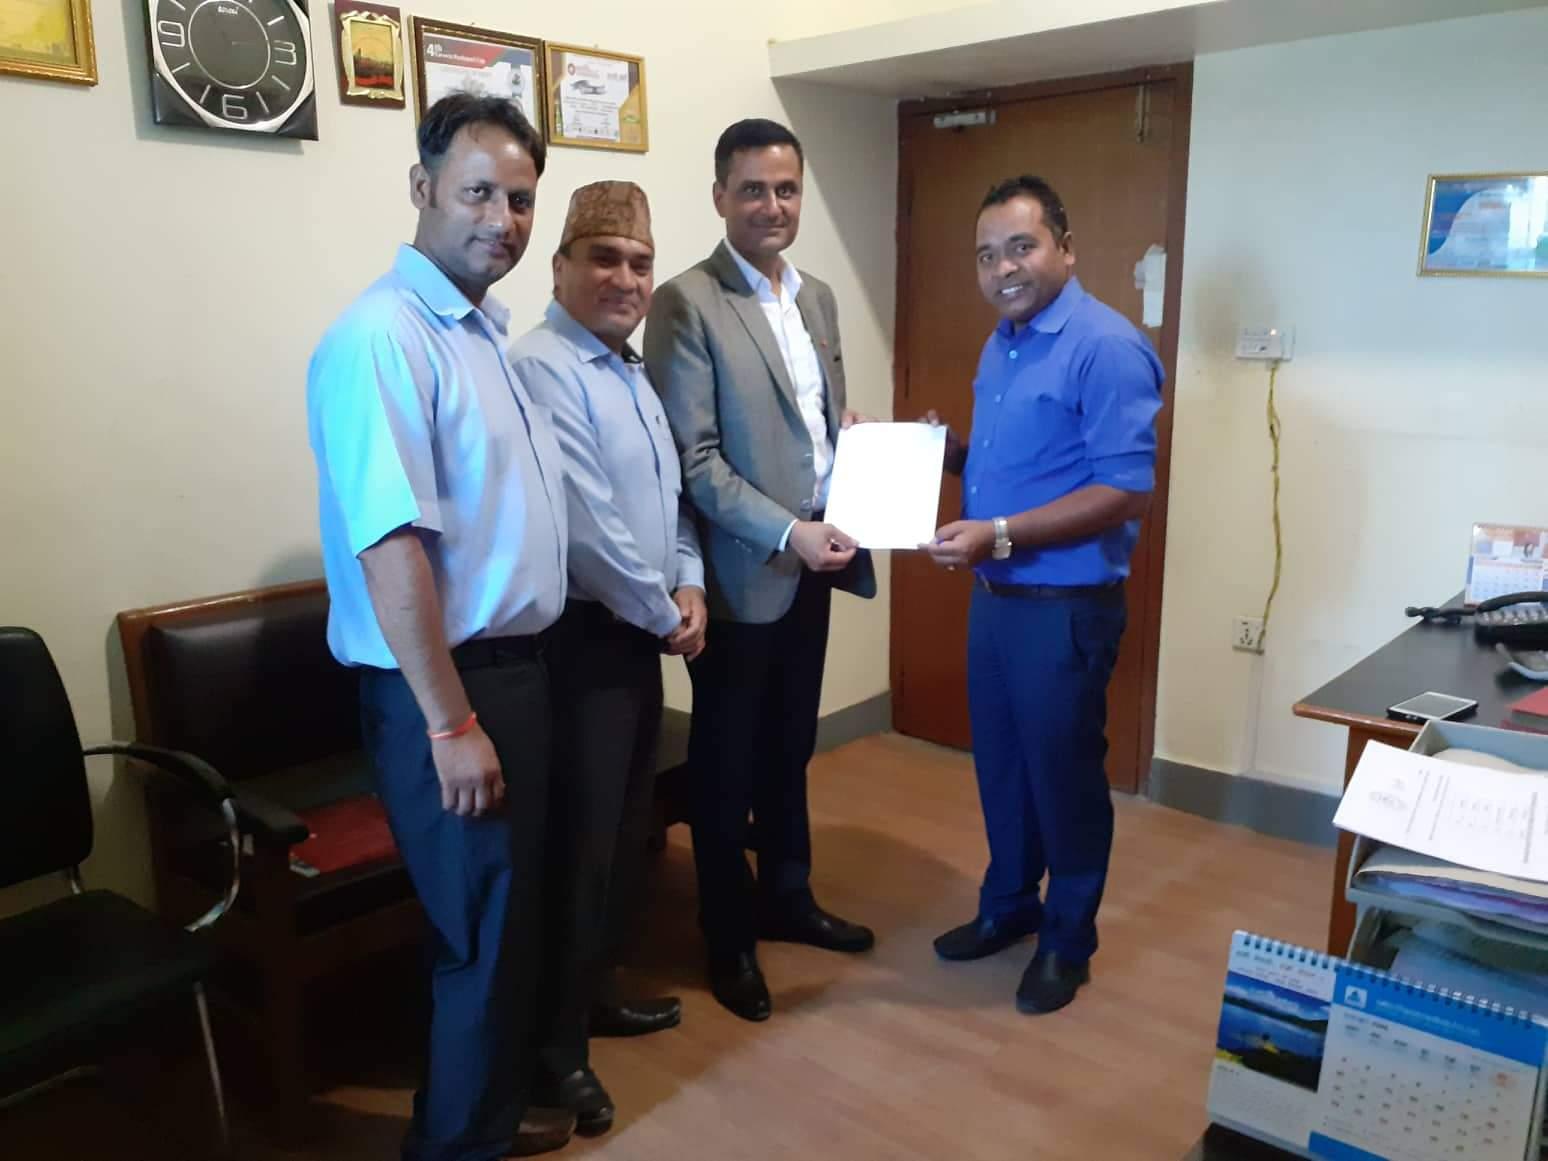 एभरेष्ट बैंकका ग्राहकलाई धनगढीको सीपी हस्पिटलमा १० प्रतिशत छुट